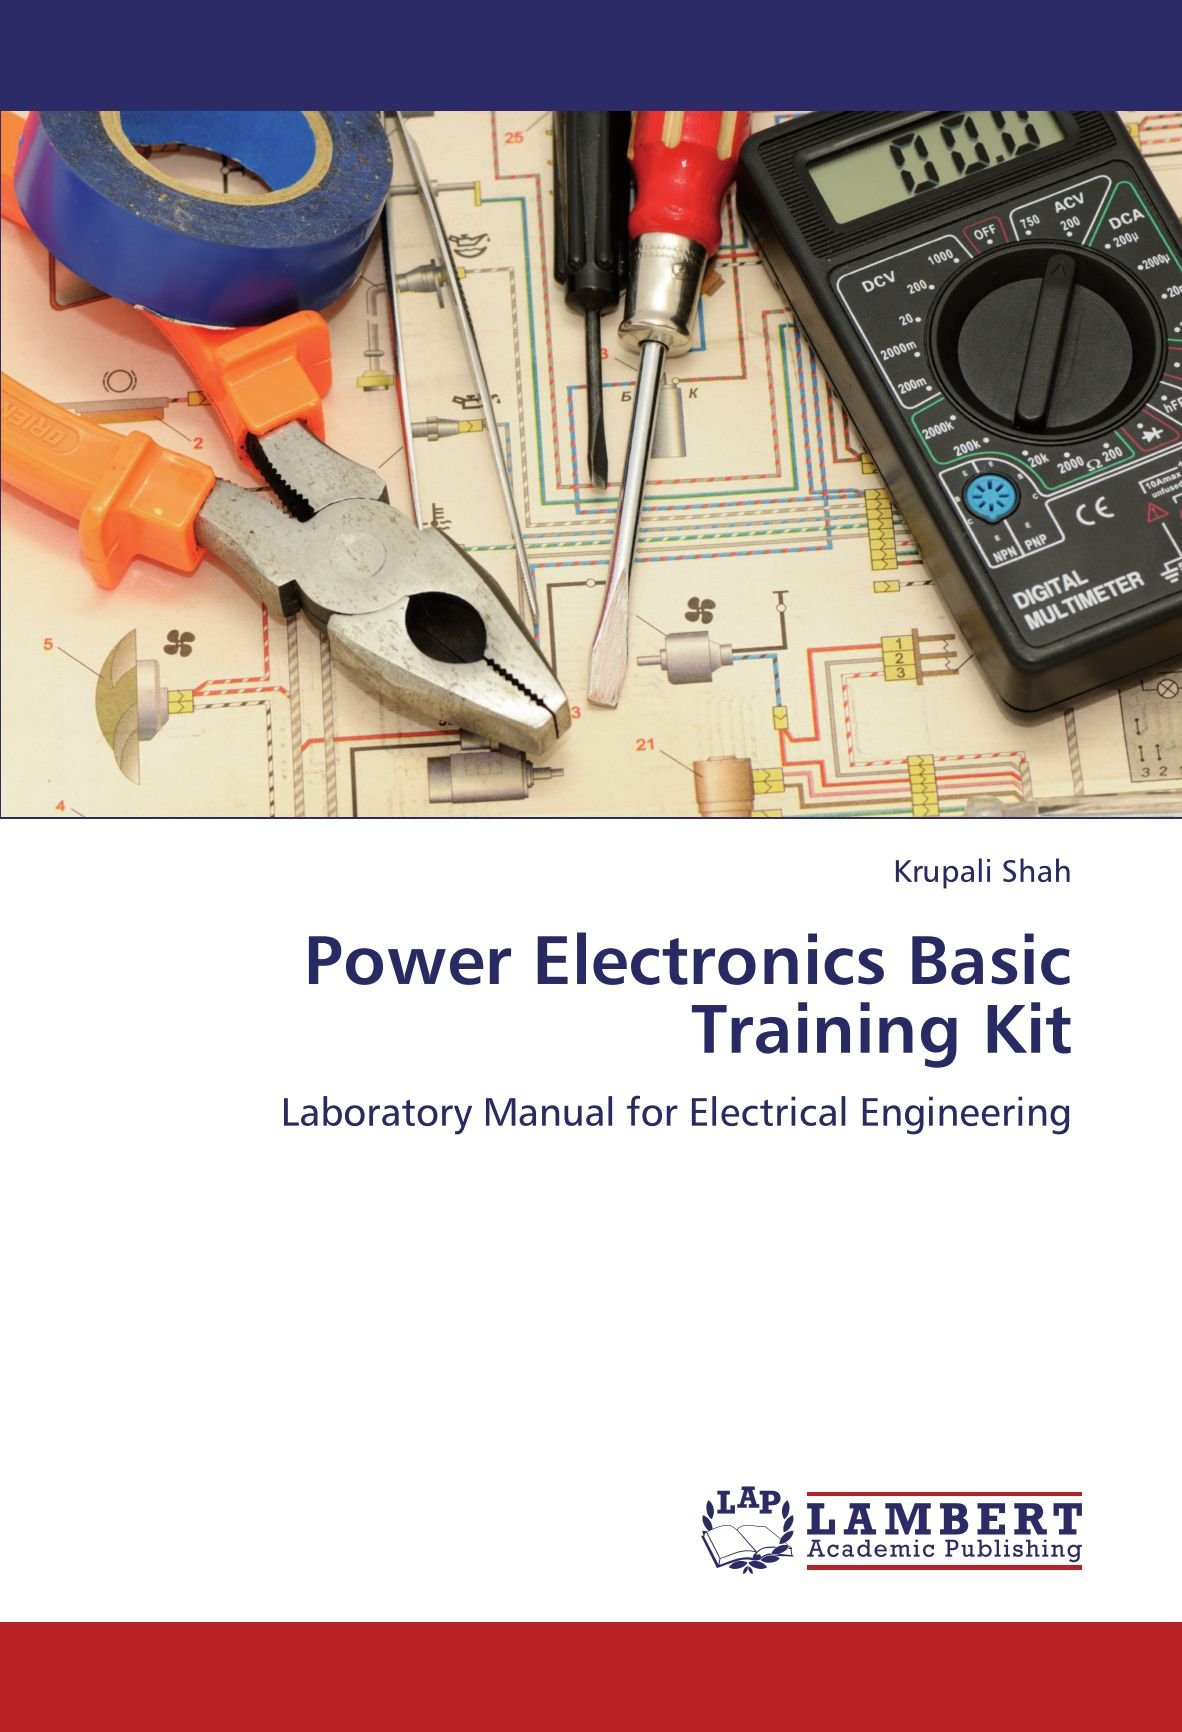 Power Electronics Basic Training Kit: Laboratory Manual for Electrical  Engineering: Krupali Shah: 9783659127649: Amazon.com: Books